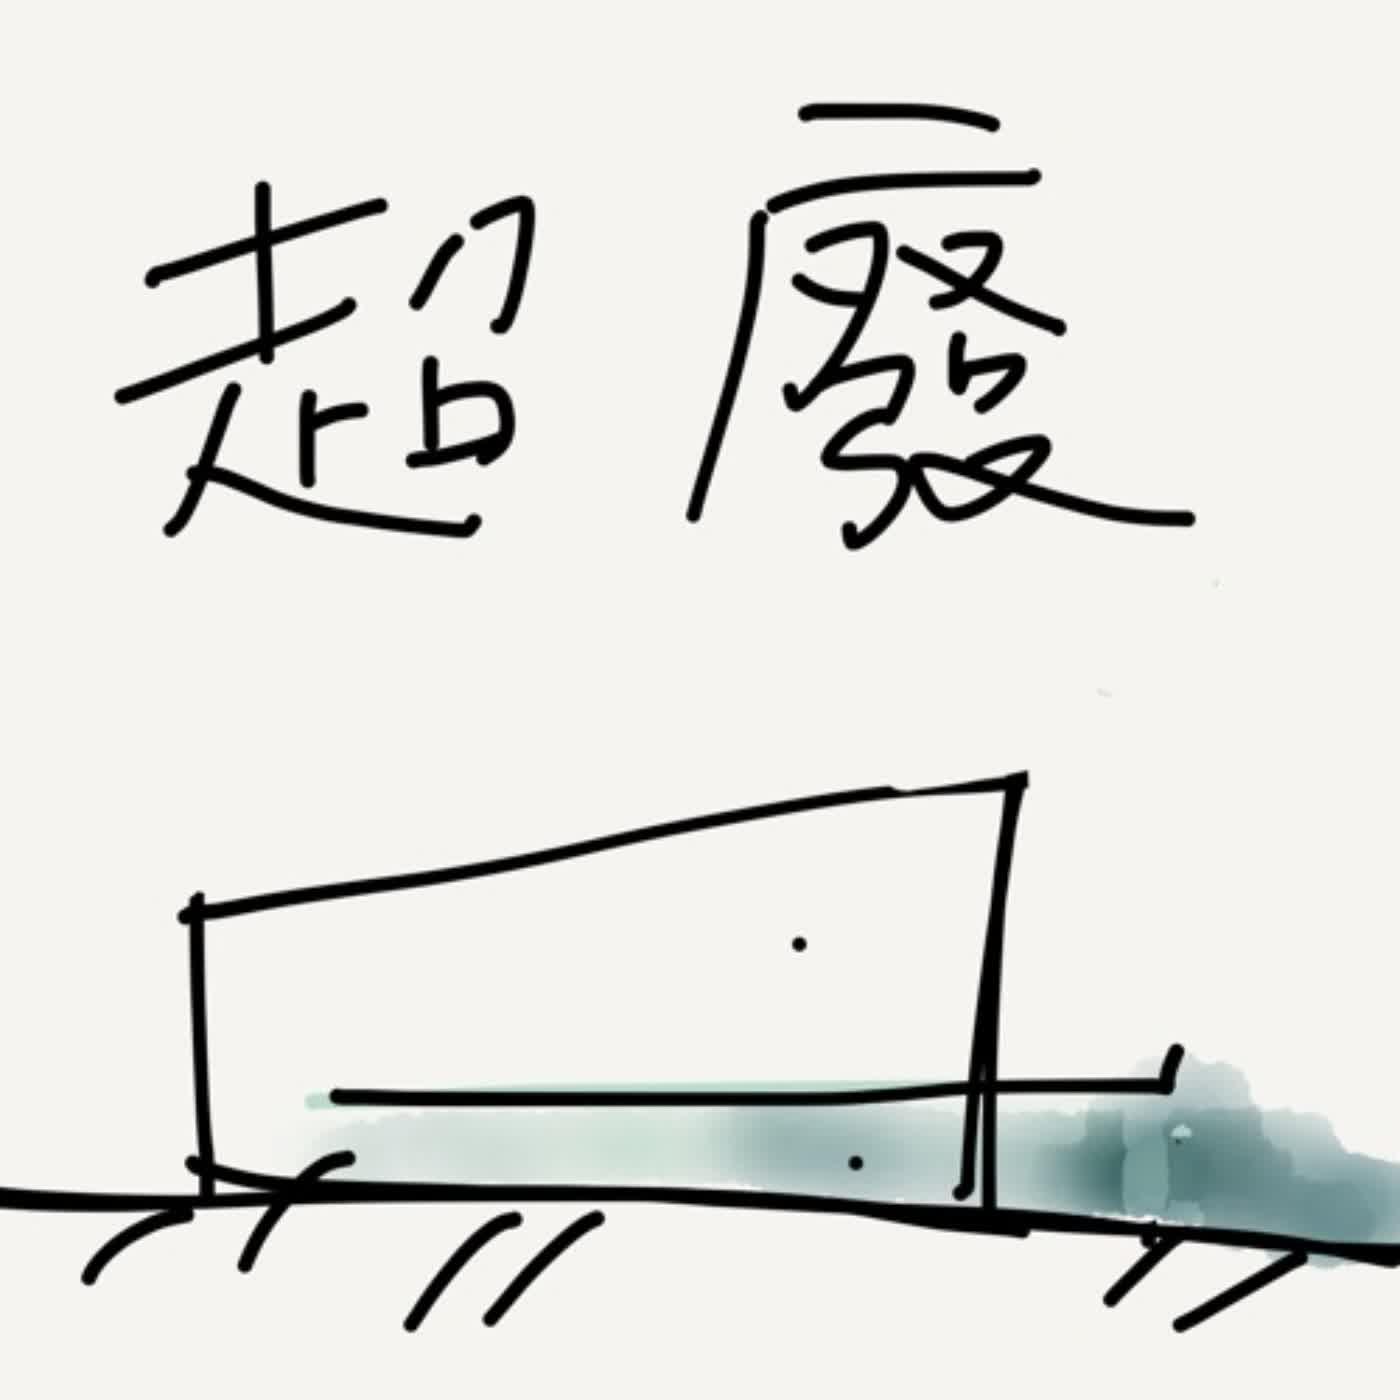 3/25H&M新疆棉事件全世界服裝都燒起來了,玩狼人殺還遇到中國翻牆的小粉紅,都翻牆出來了腦袋能不能翻一翻?